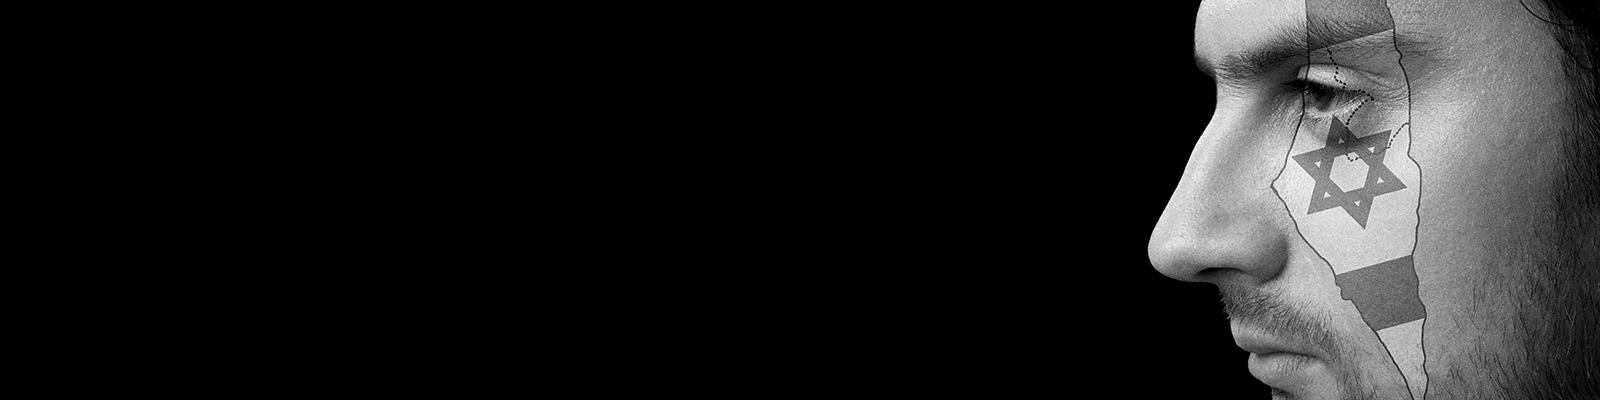 イスラエル 地図 国旗 眼差し イメージ